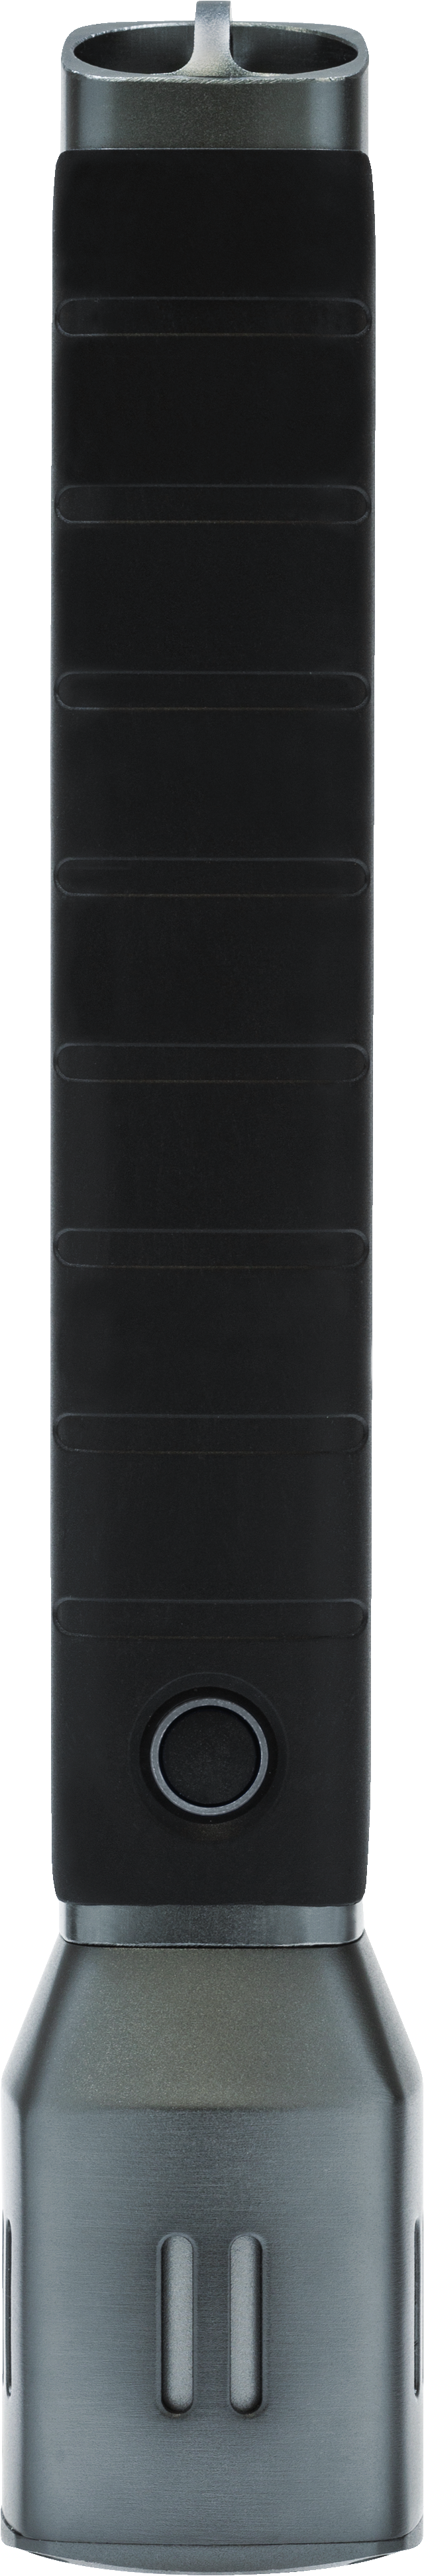 Taschenlampe TL-525